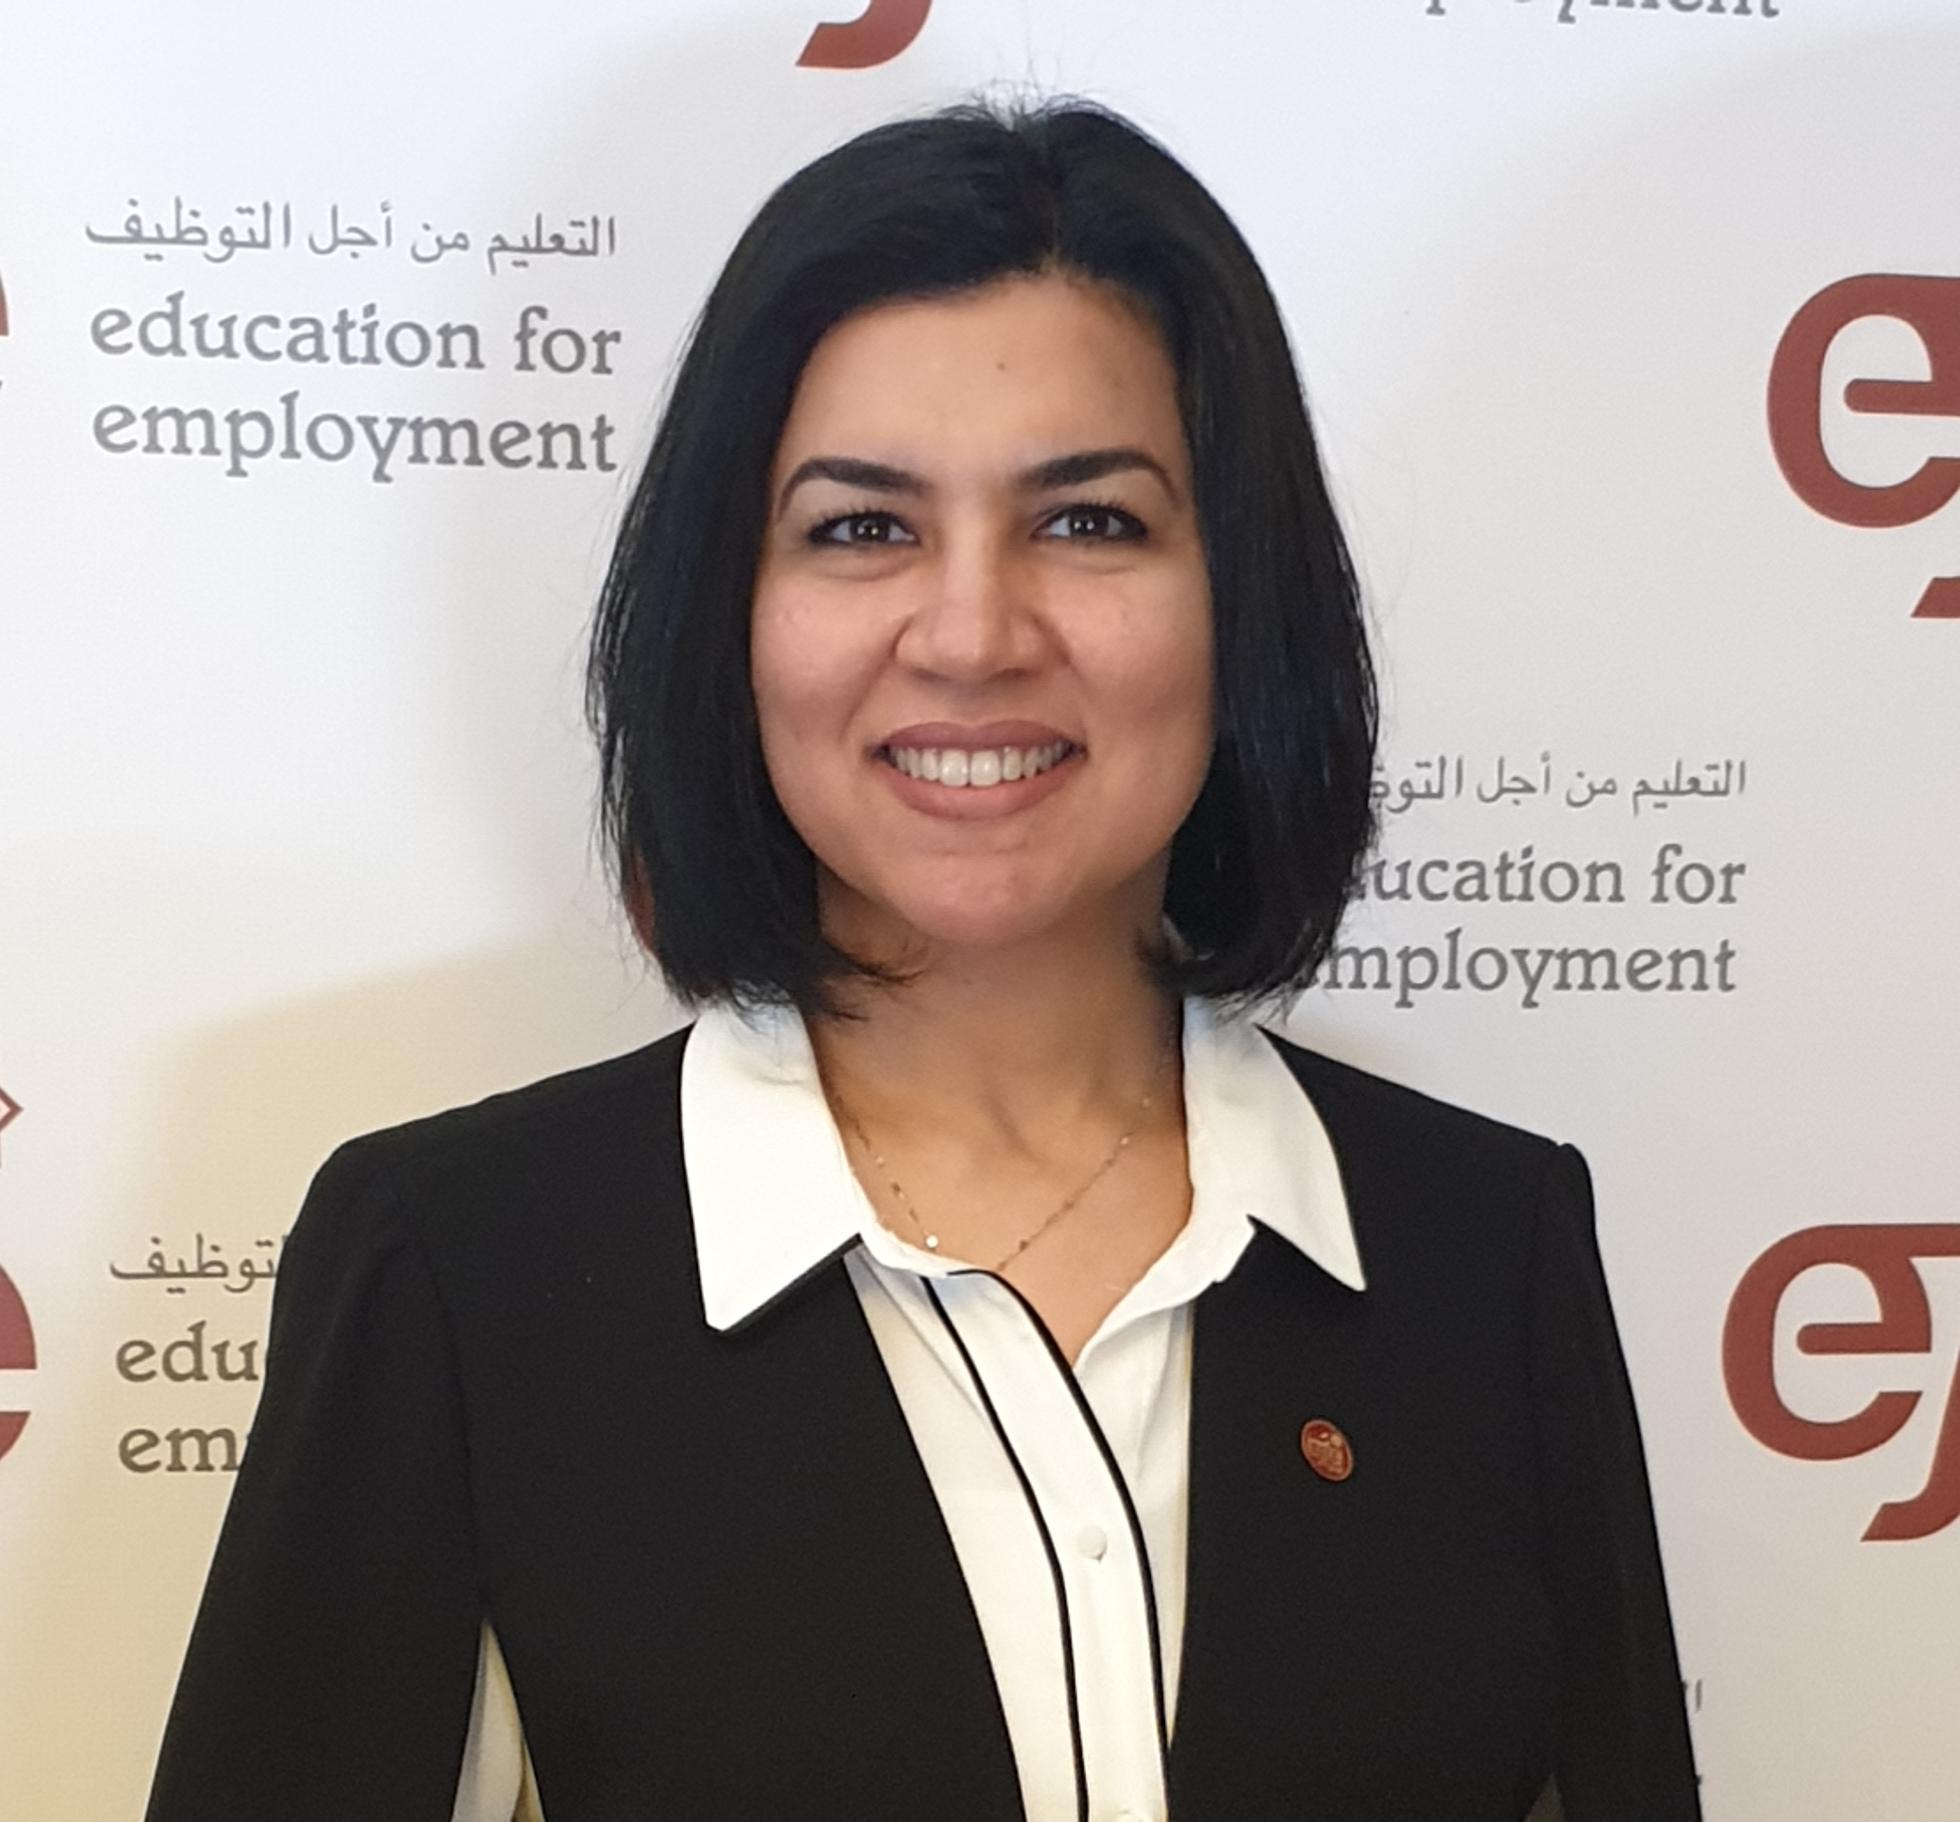 Nora Abou El Seoud